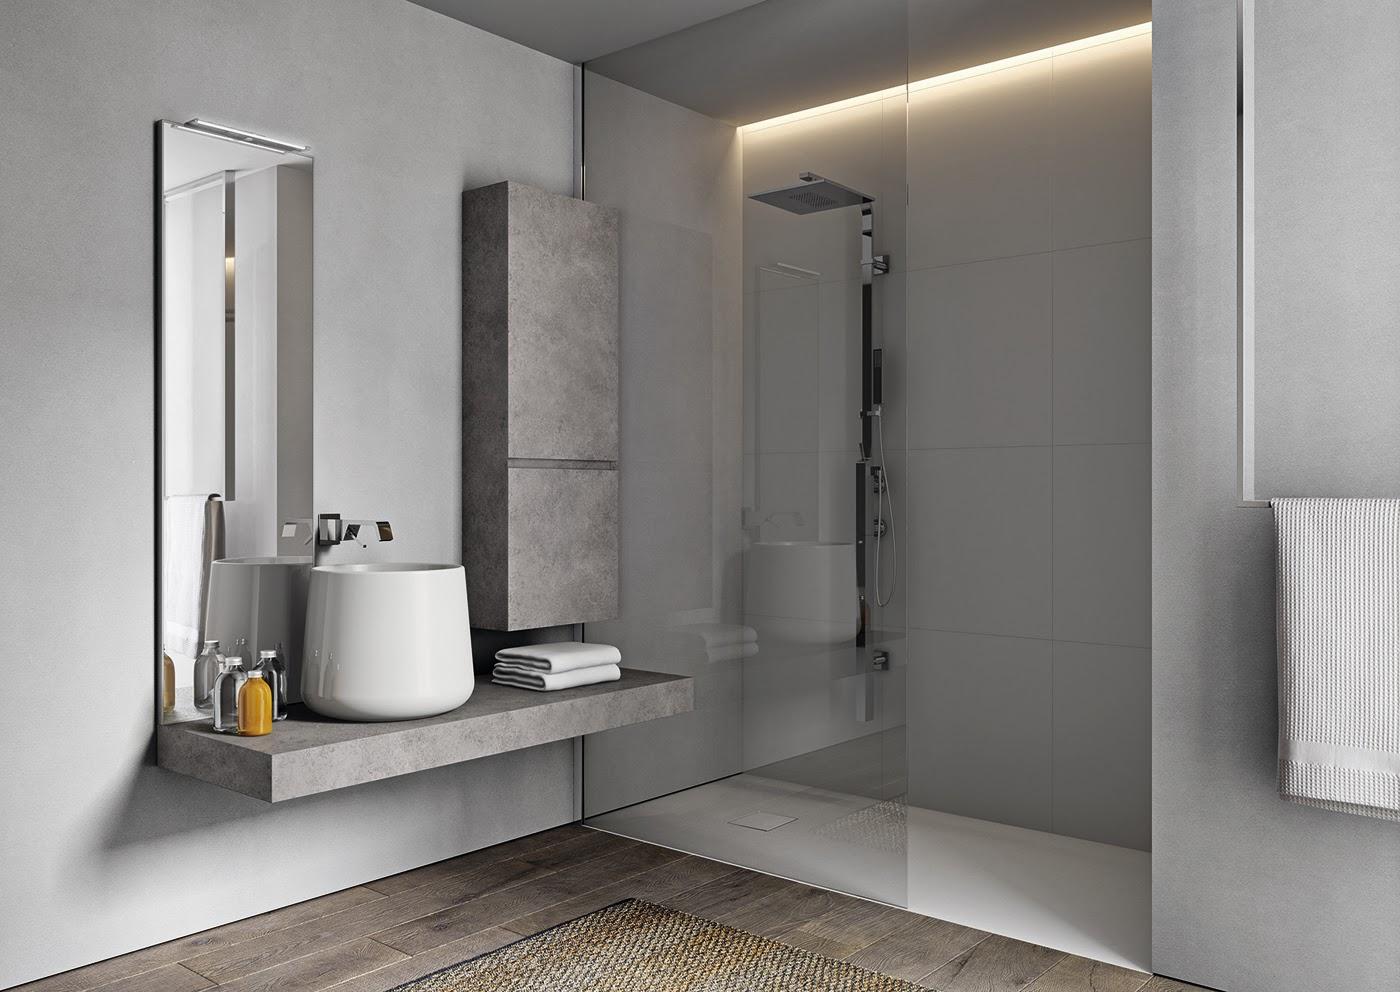 Progettando il bagno - Posizione sanitari bagno ...